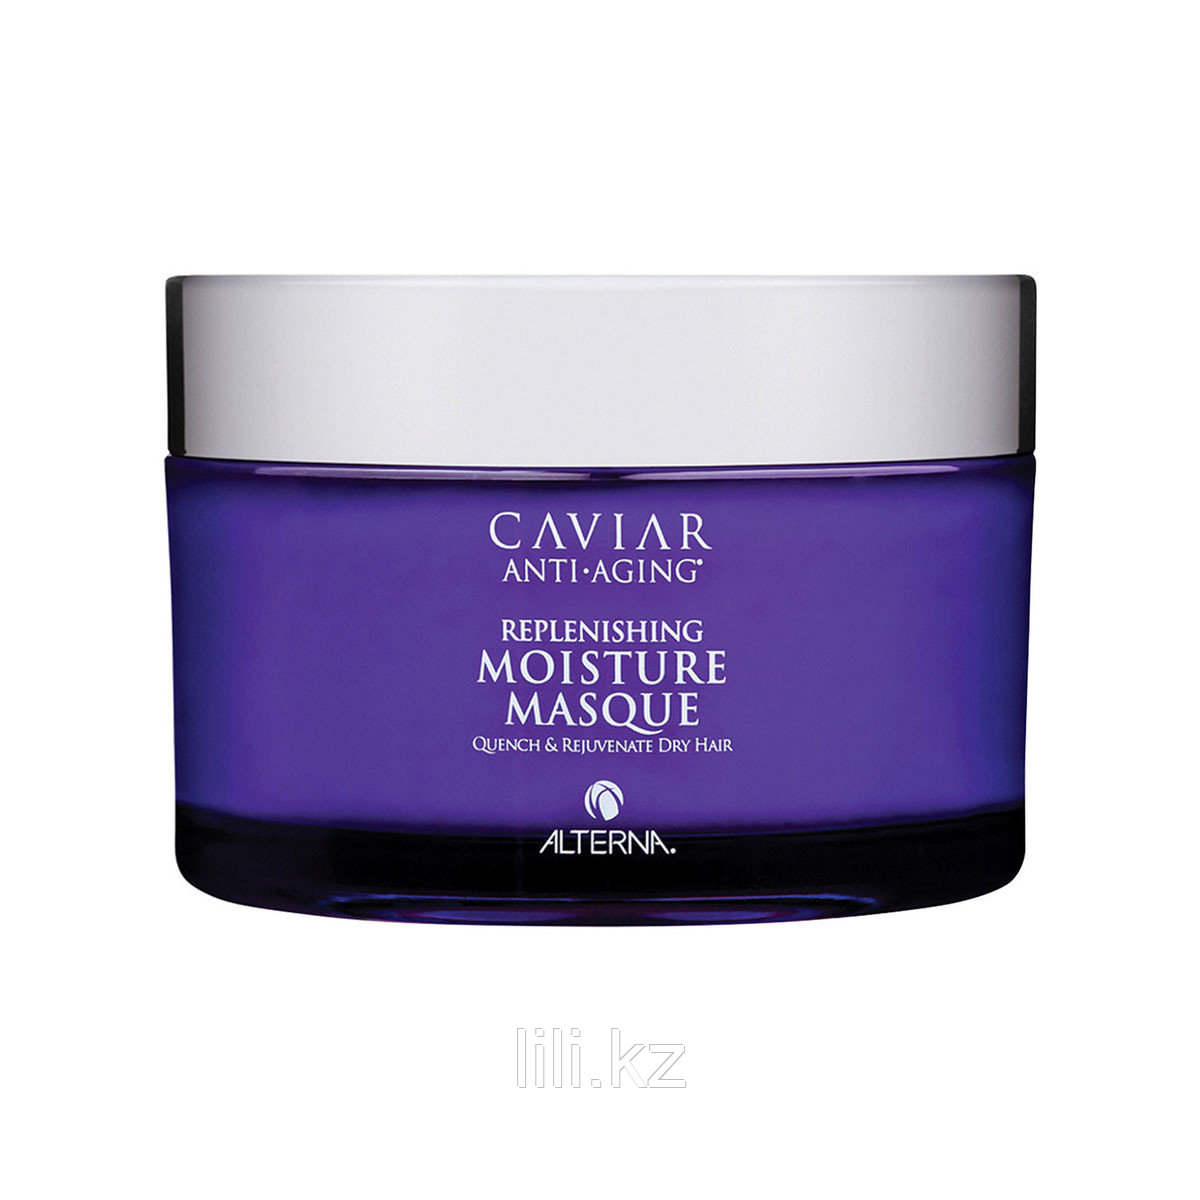 Маска интенсивное восстановление и увлажнение Alterna Caviar Anti-aging Replenishing Moisture Masque161 мл.